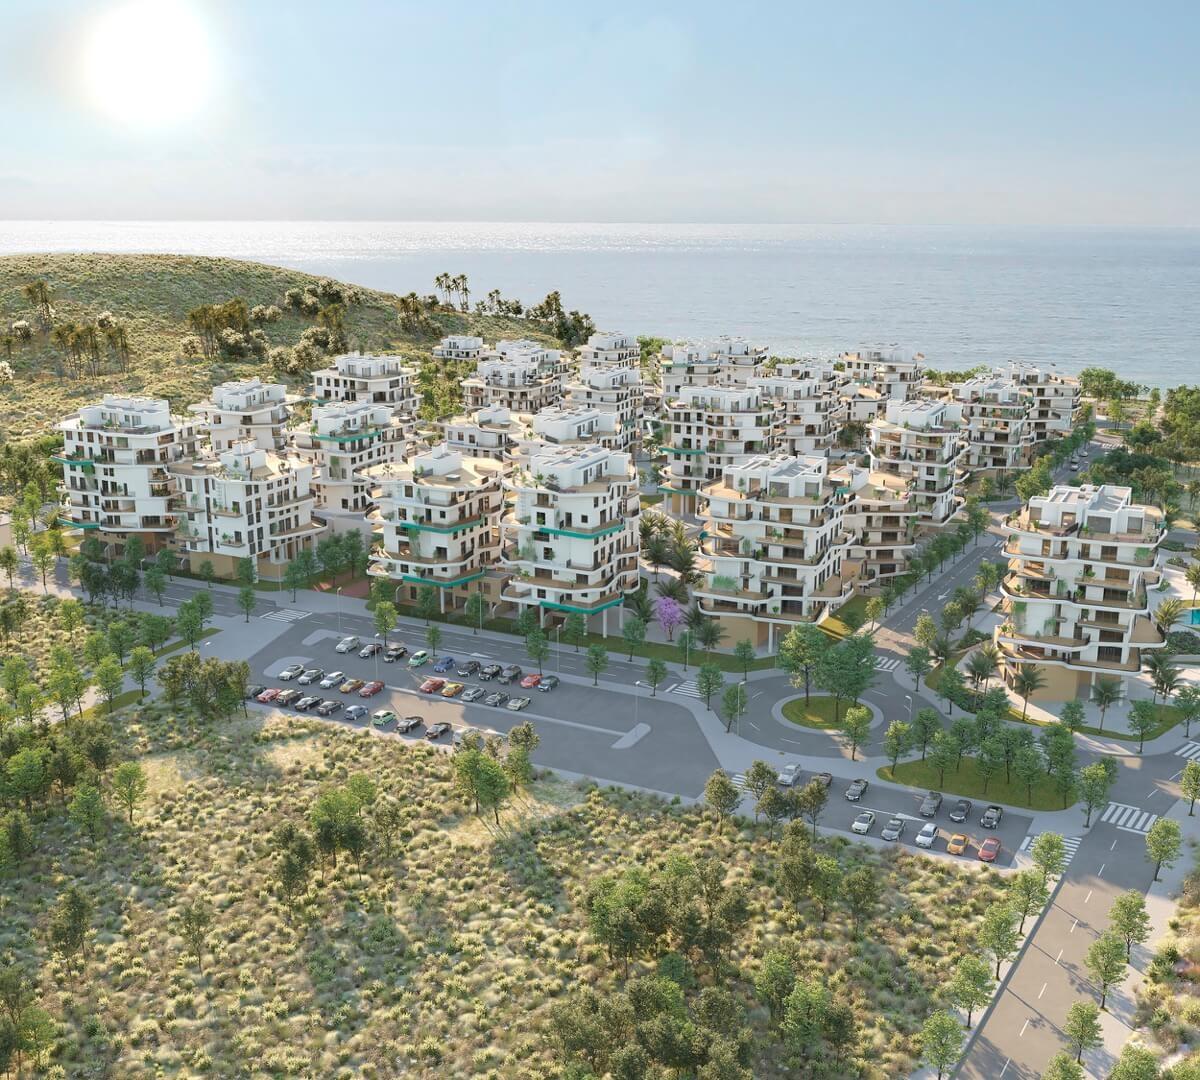 Render residencial de lujo en Allonbay Village frente al mar mediterráneo